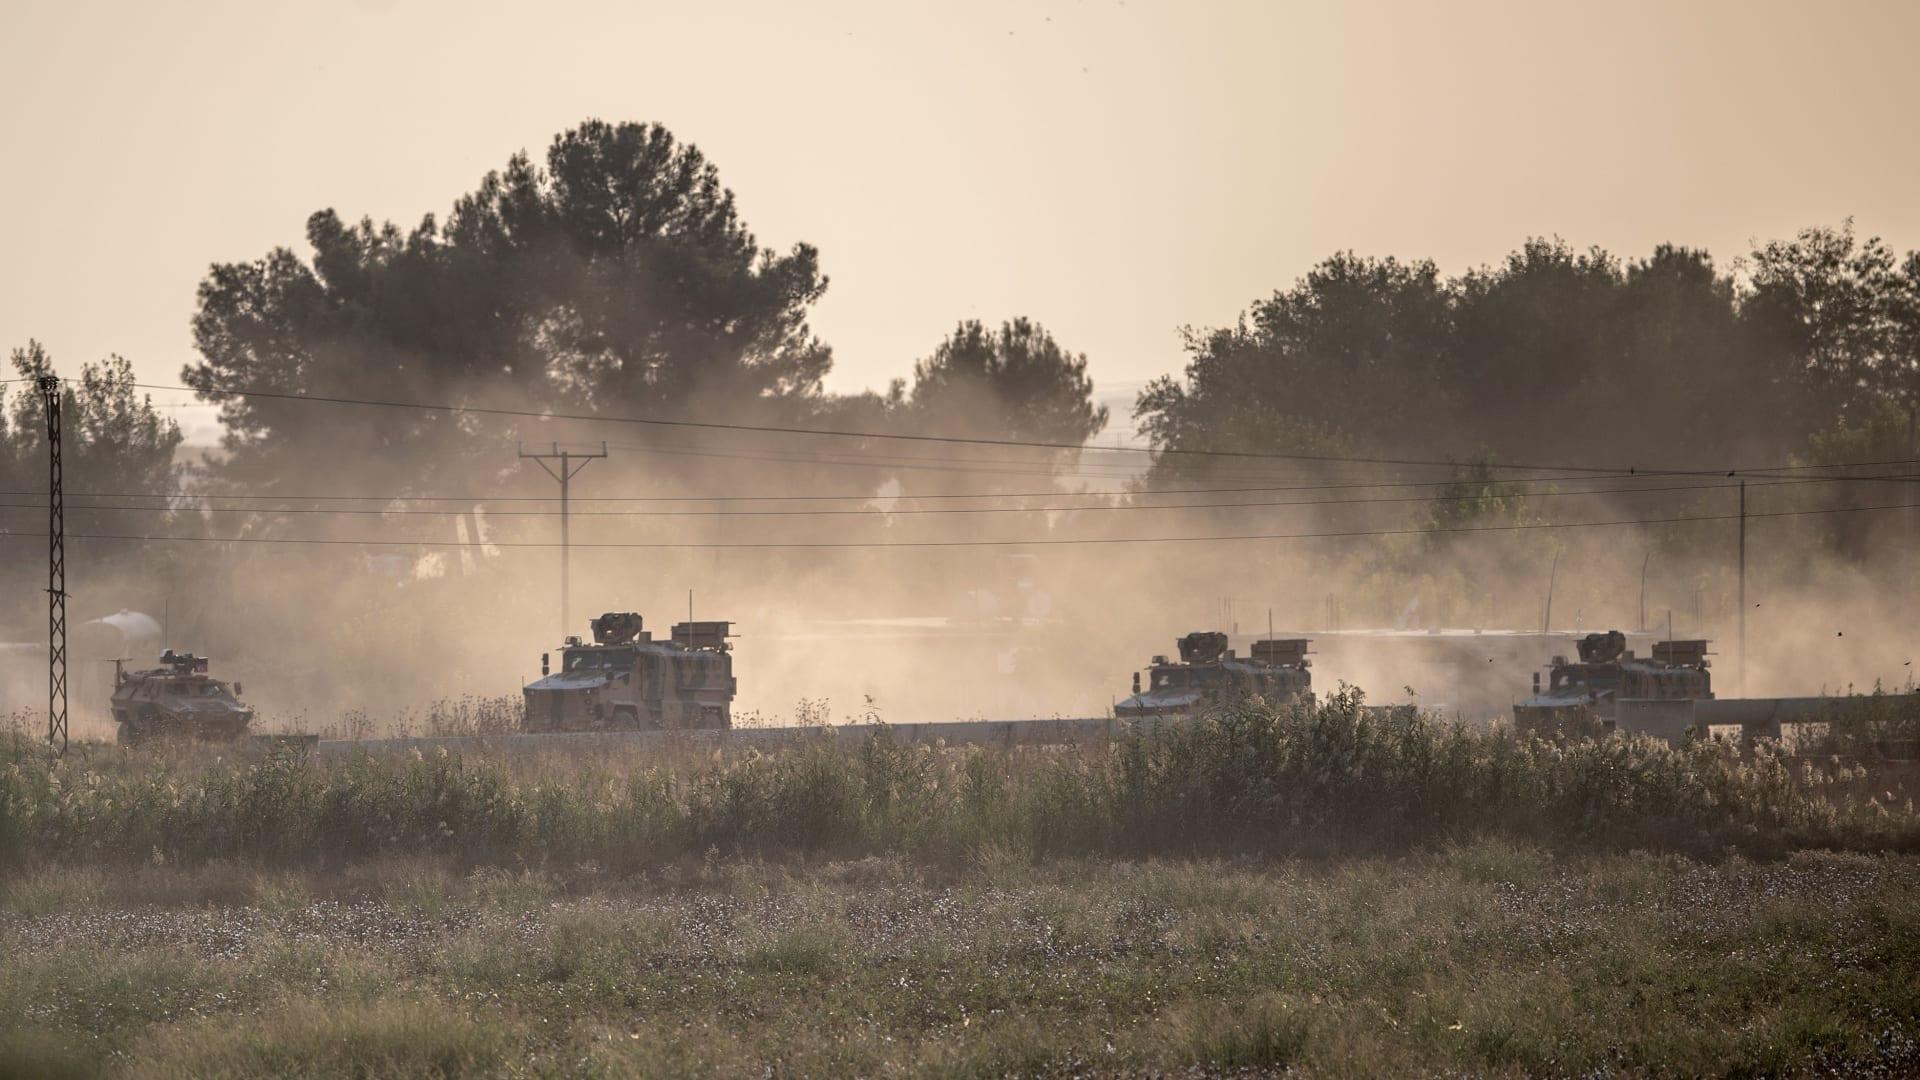 حرائق وأعمدة دخان تتصاعد من مواقع كردية قصفها الطيران التركي